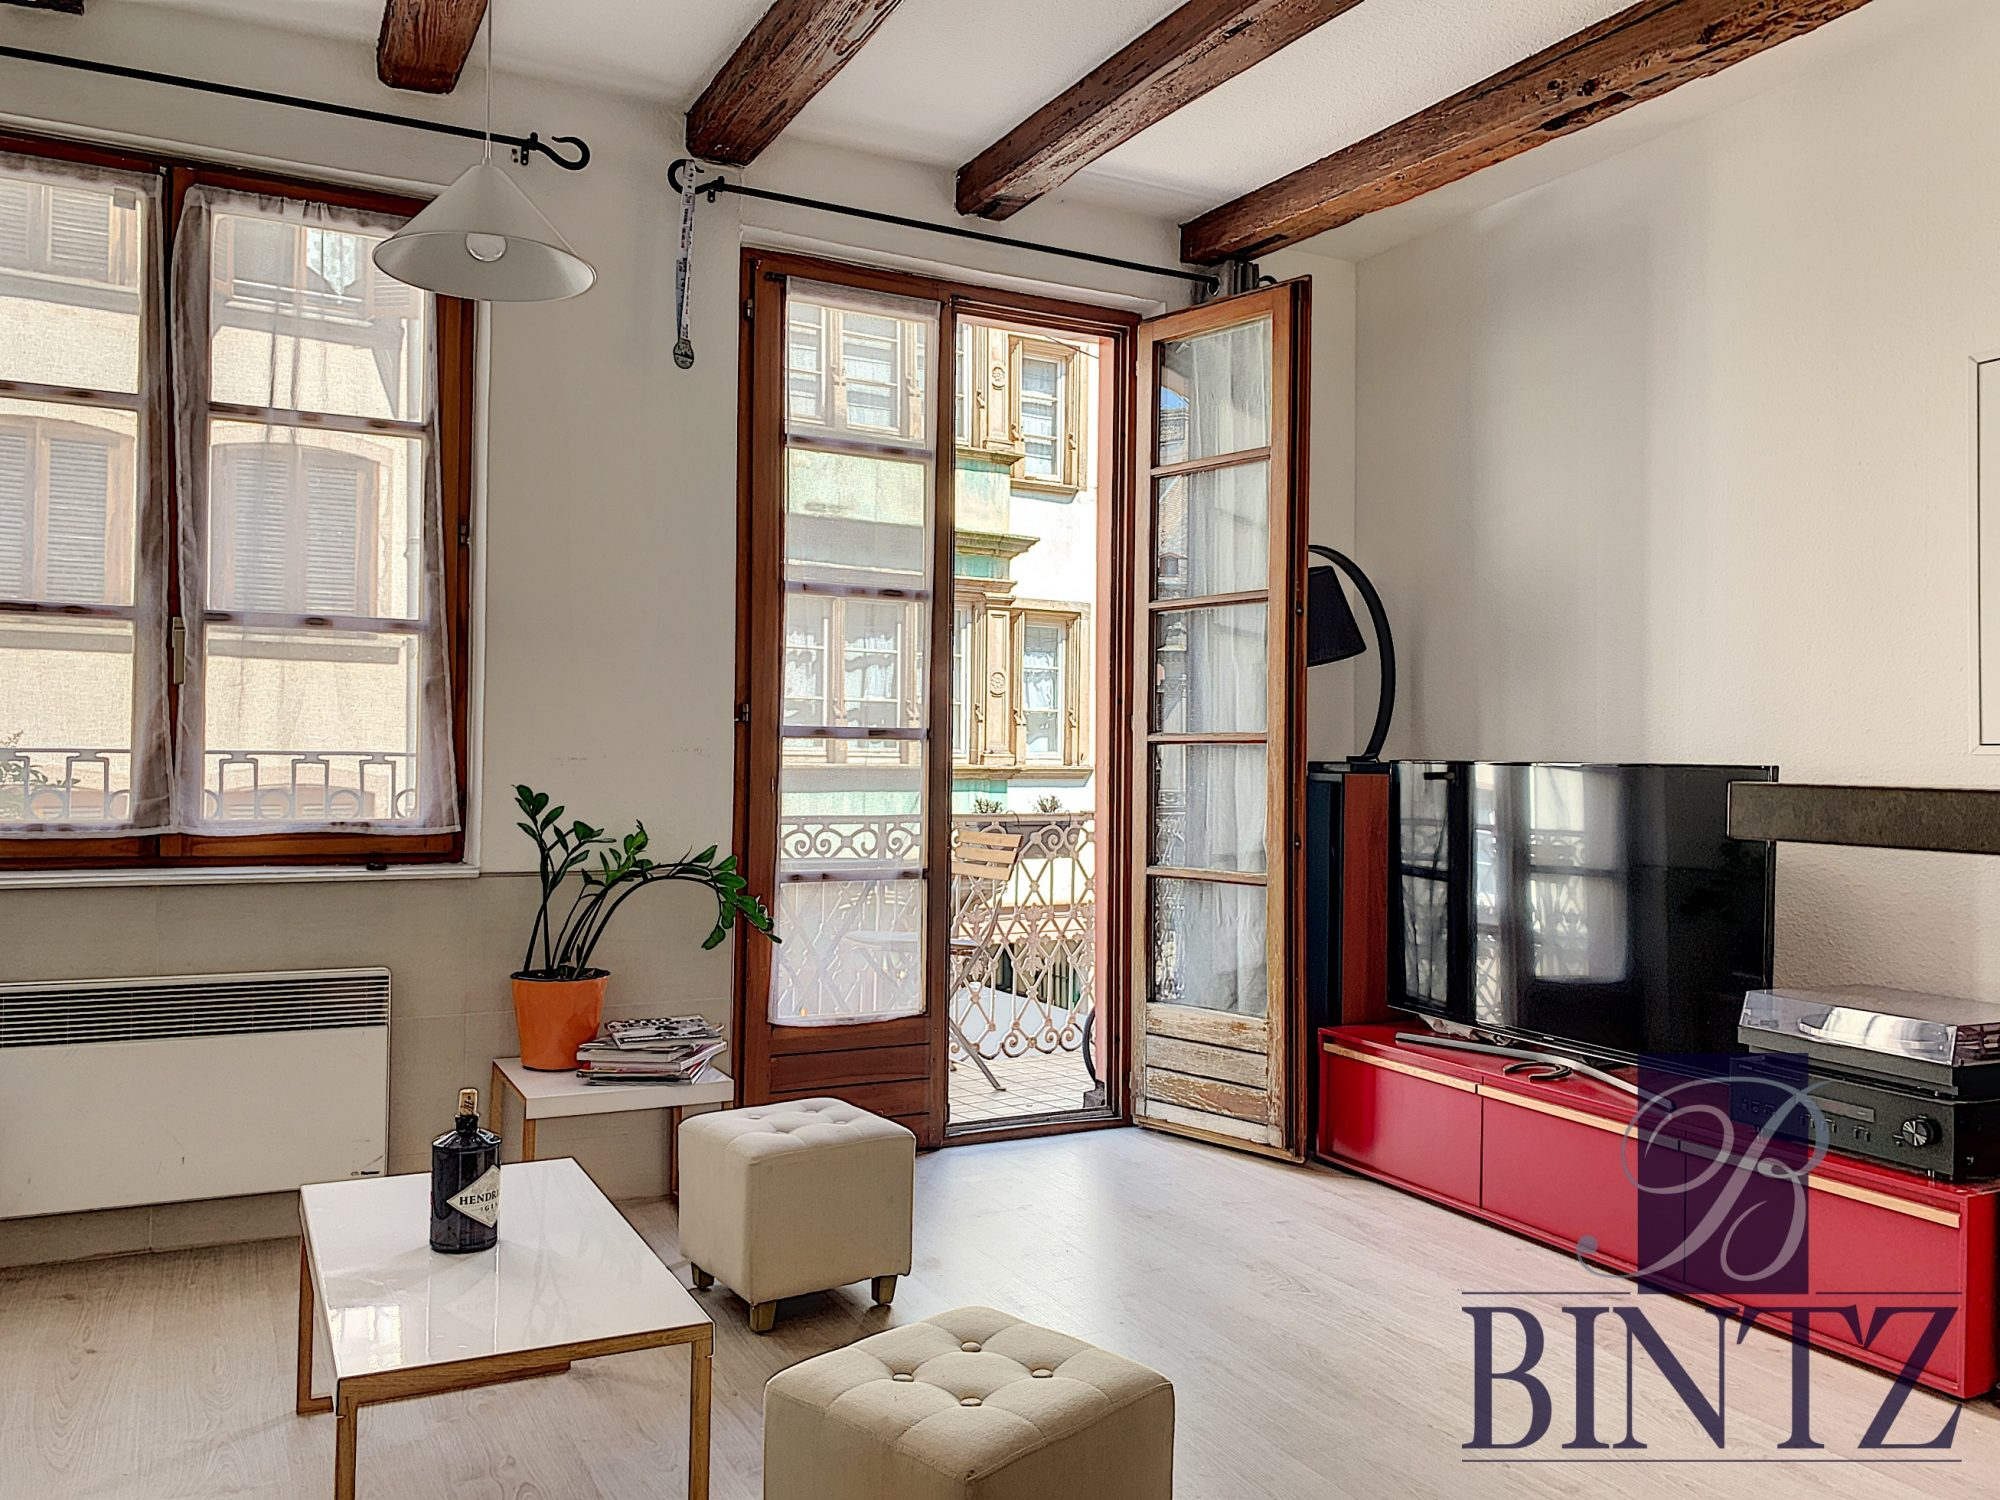 STUDIO MEUBLE HYPER CENTRE - Devenez locataire en toute sérénité - Bintz Immobilier - 3